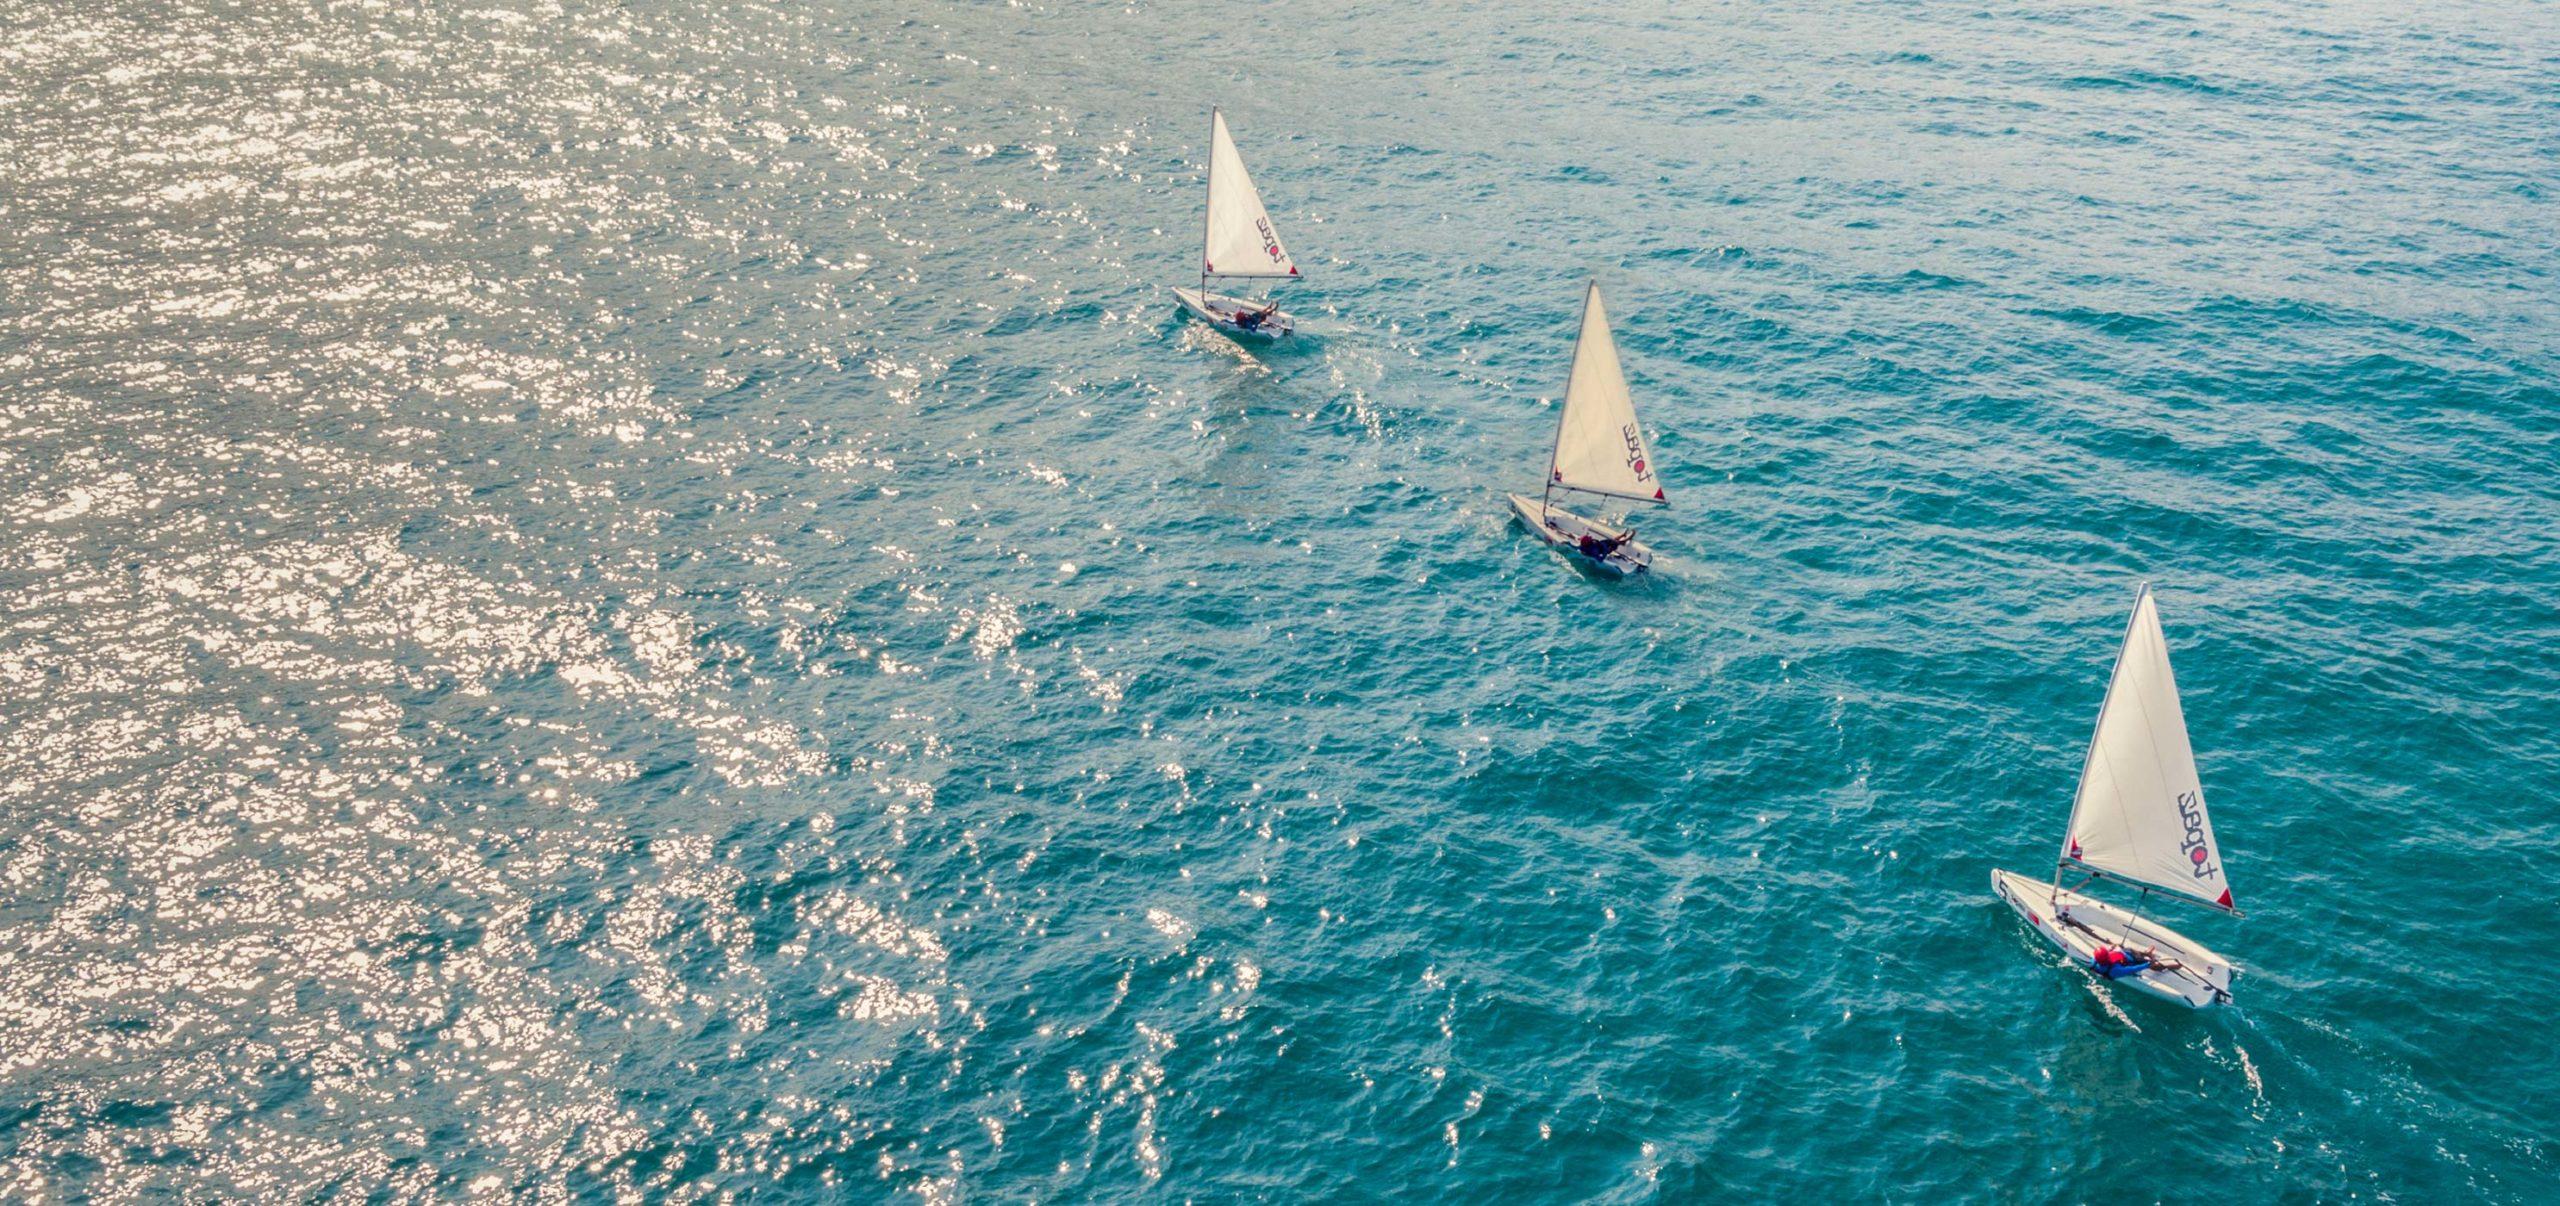 Sailing-Boat-03